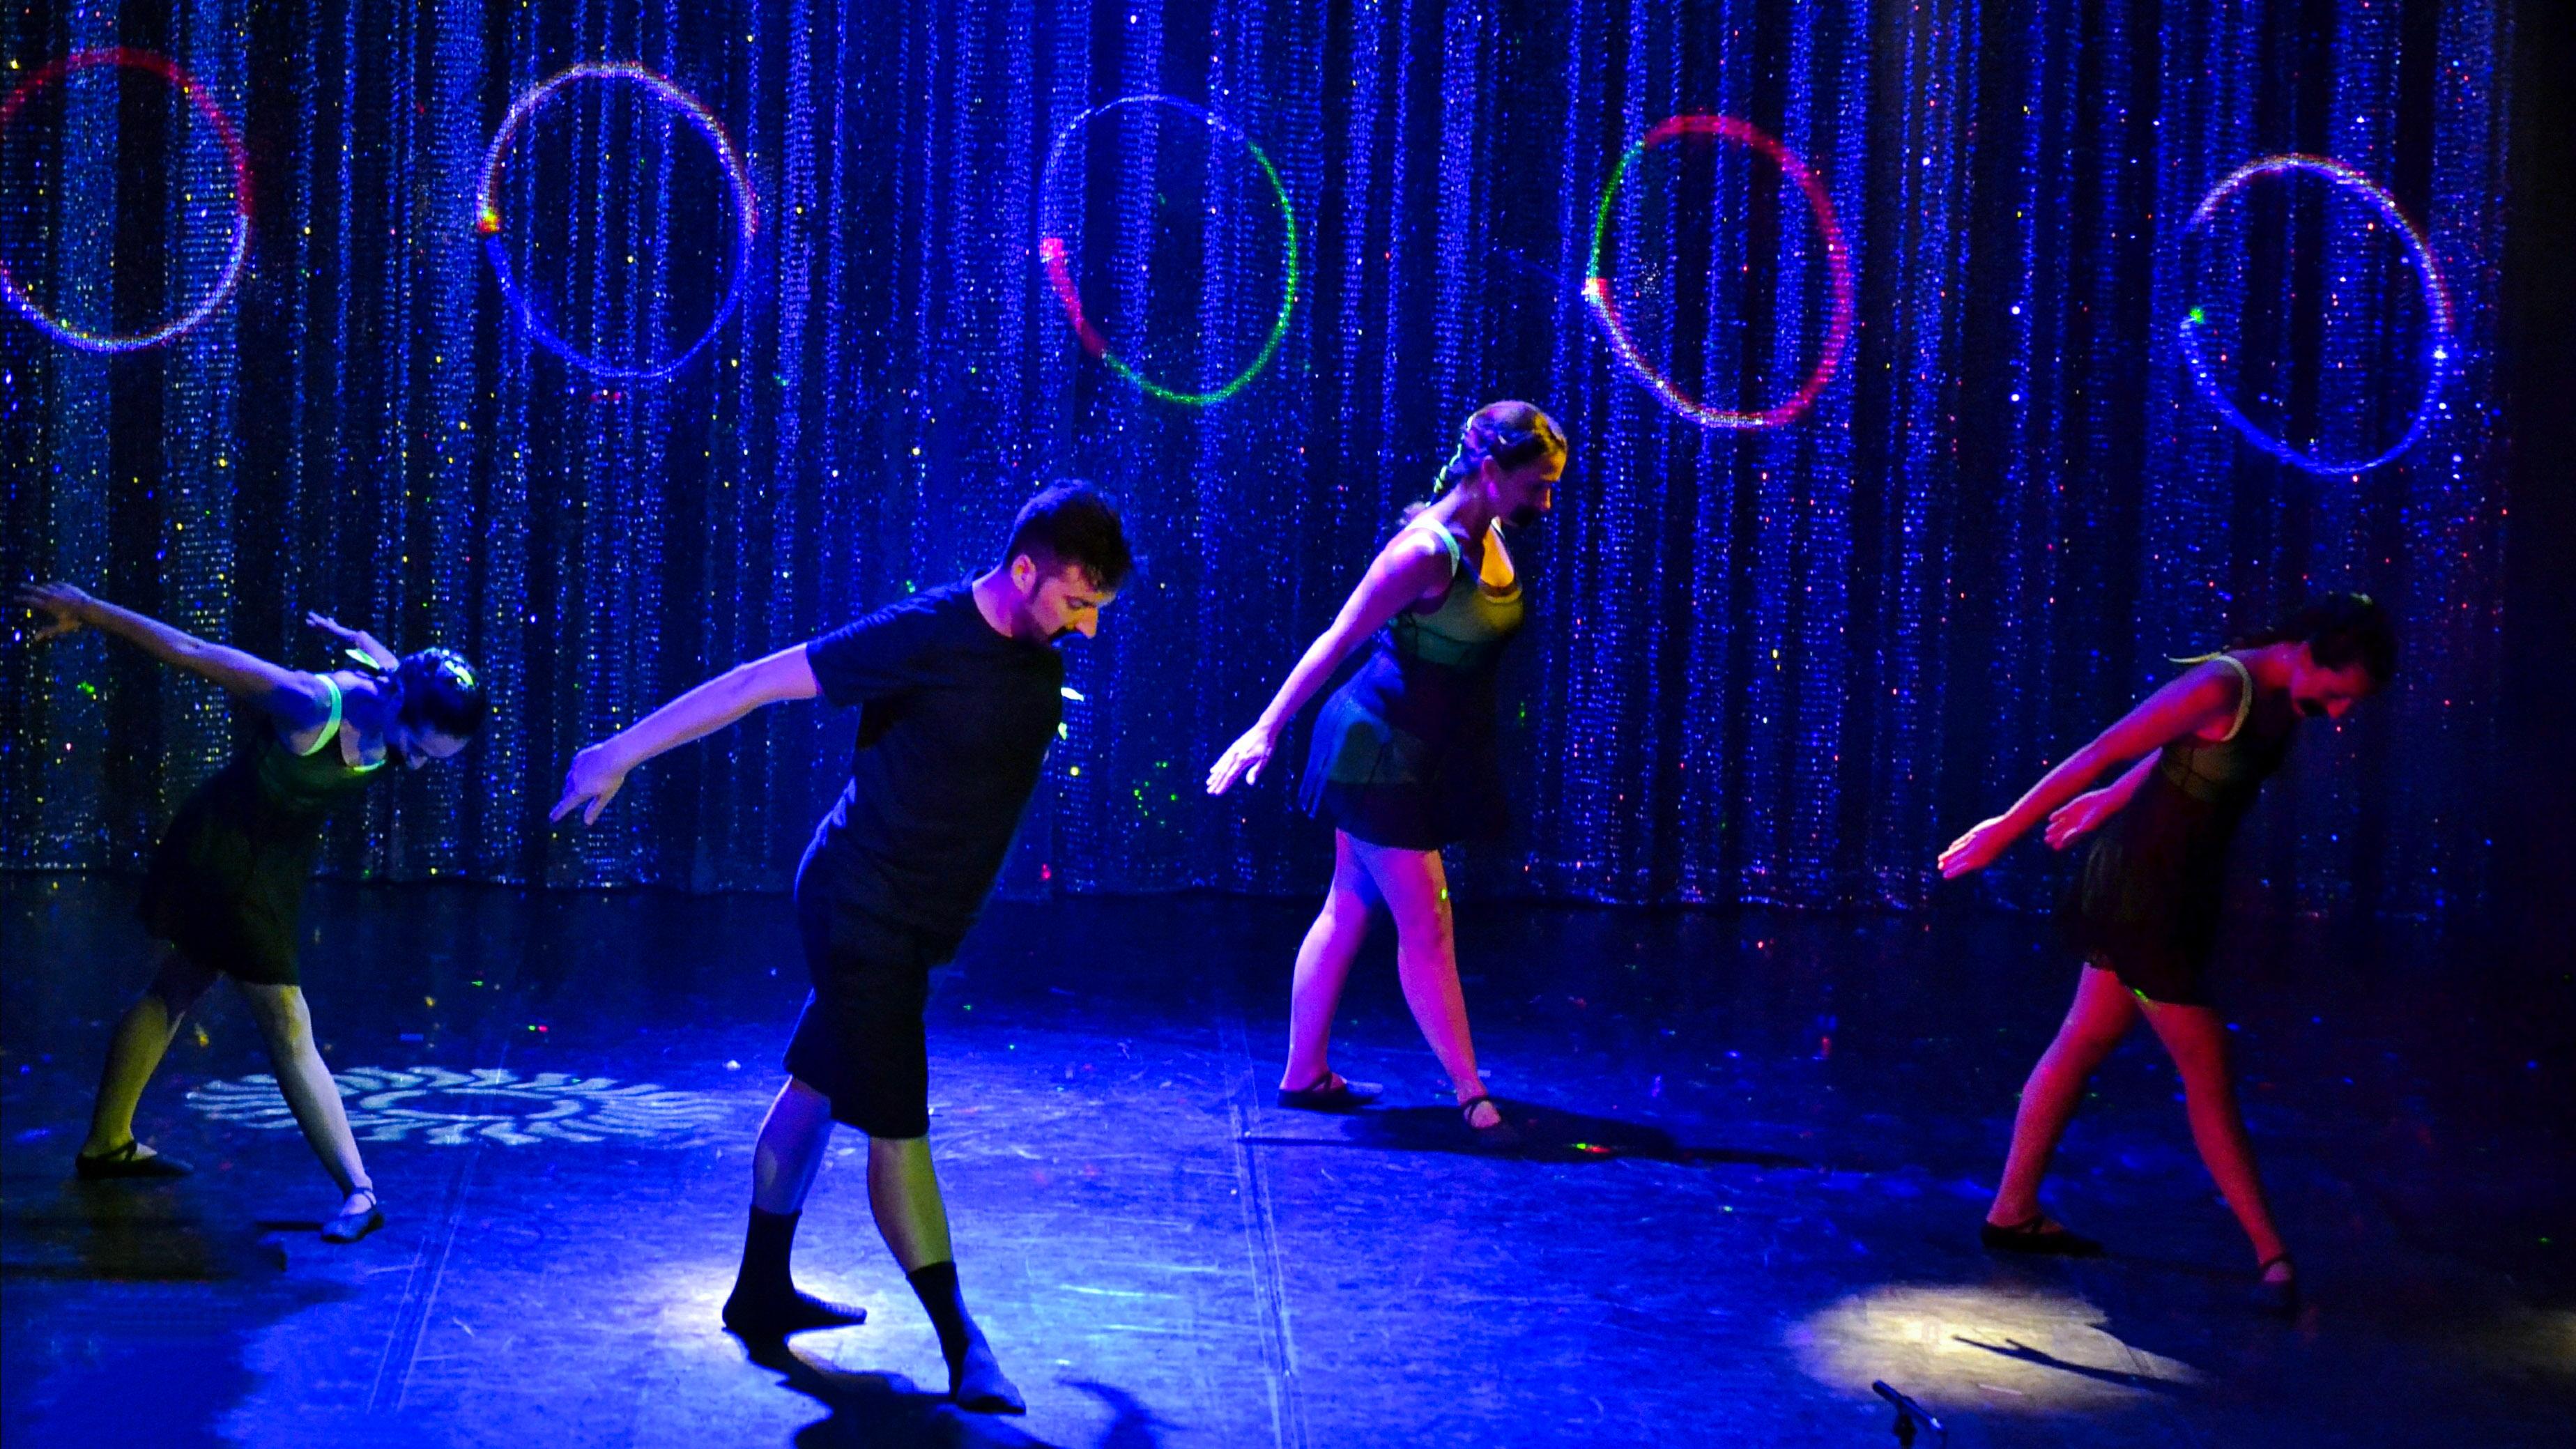 Linea-de-Baile-festival-verano-2015-clases-de-baile-valencia-152